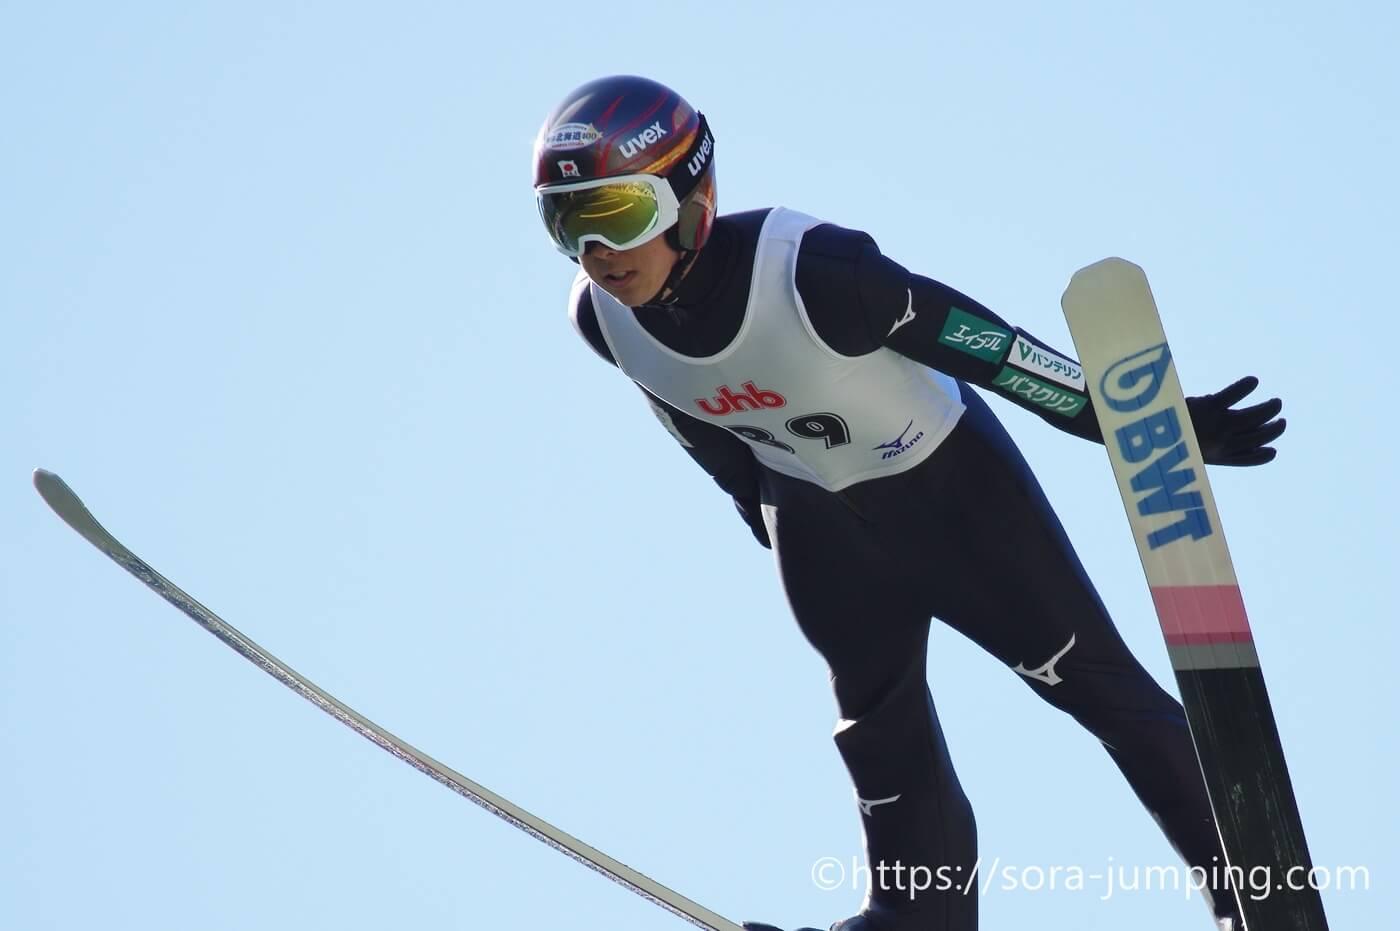 ジャンプ 小林 兄弟 スキー